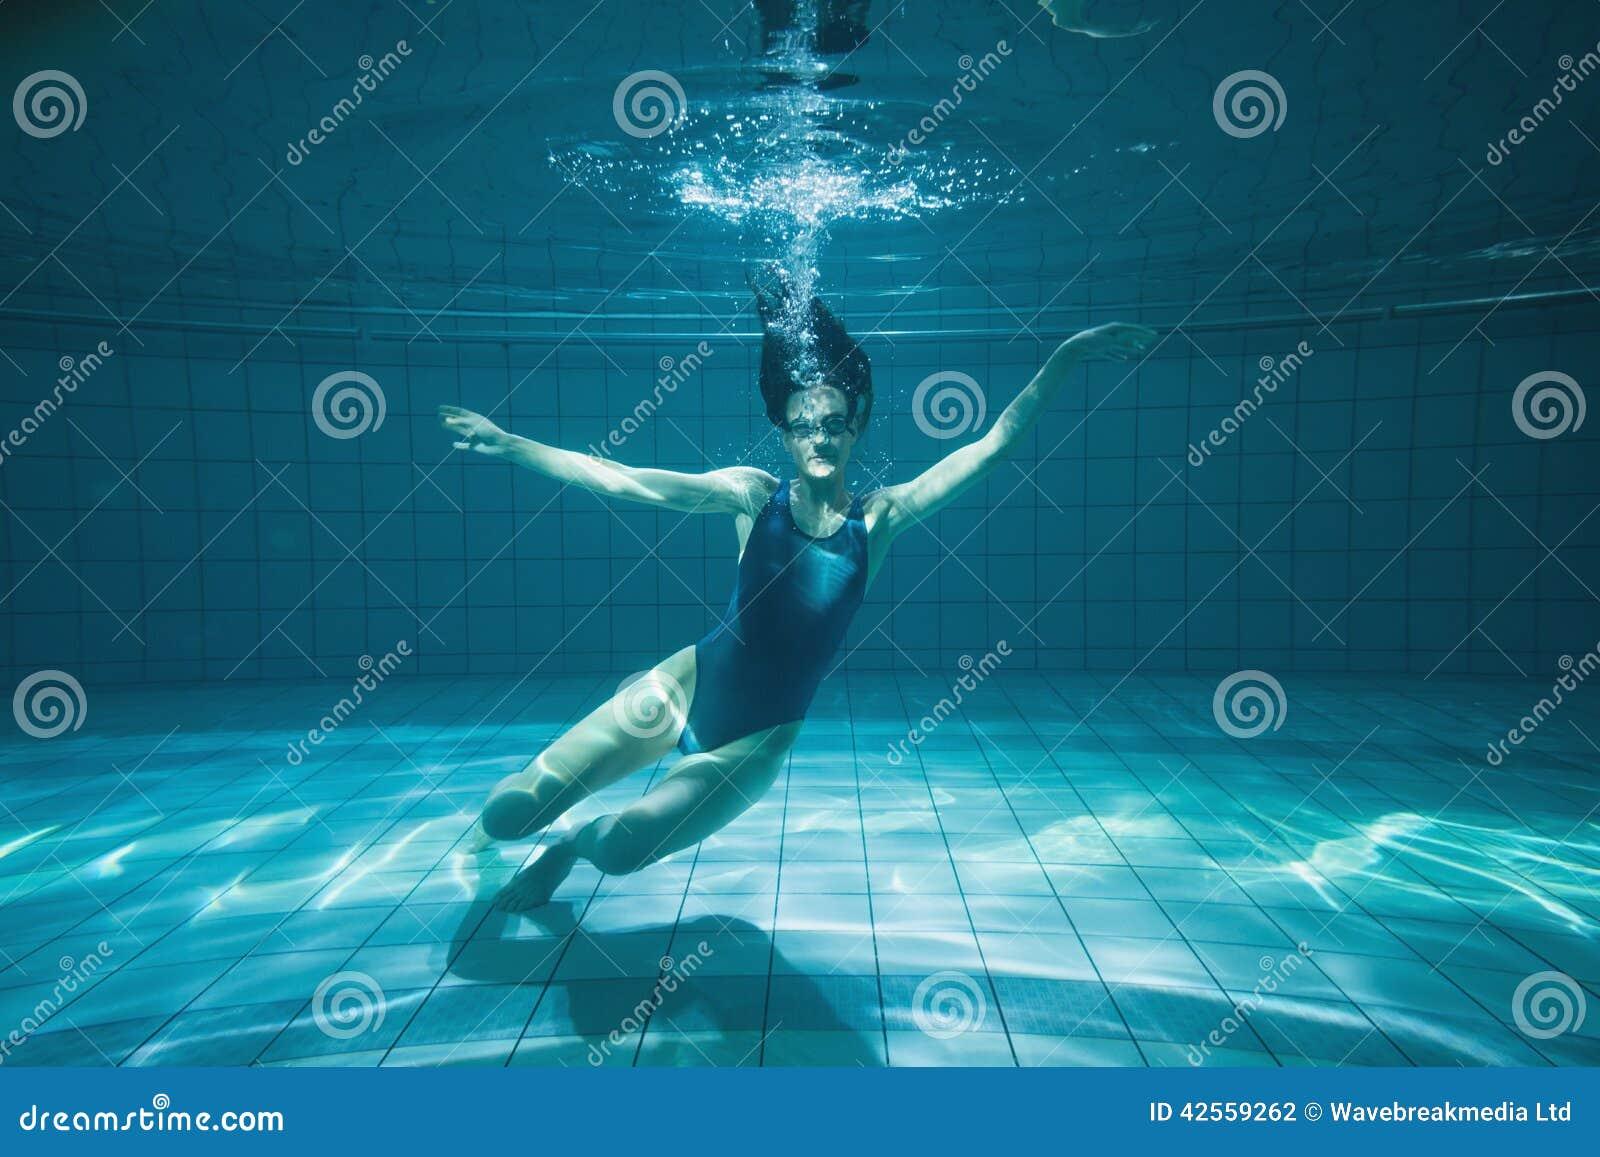 nageur sportif souriant l 39 appareil photo sous l 39 eau photo stock image du femme personne. Black Bedroom Furniture Sets. Home Design Ideas